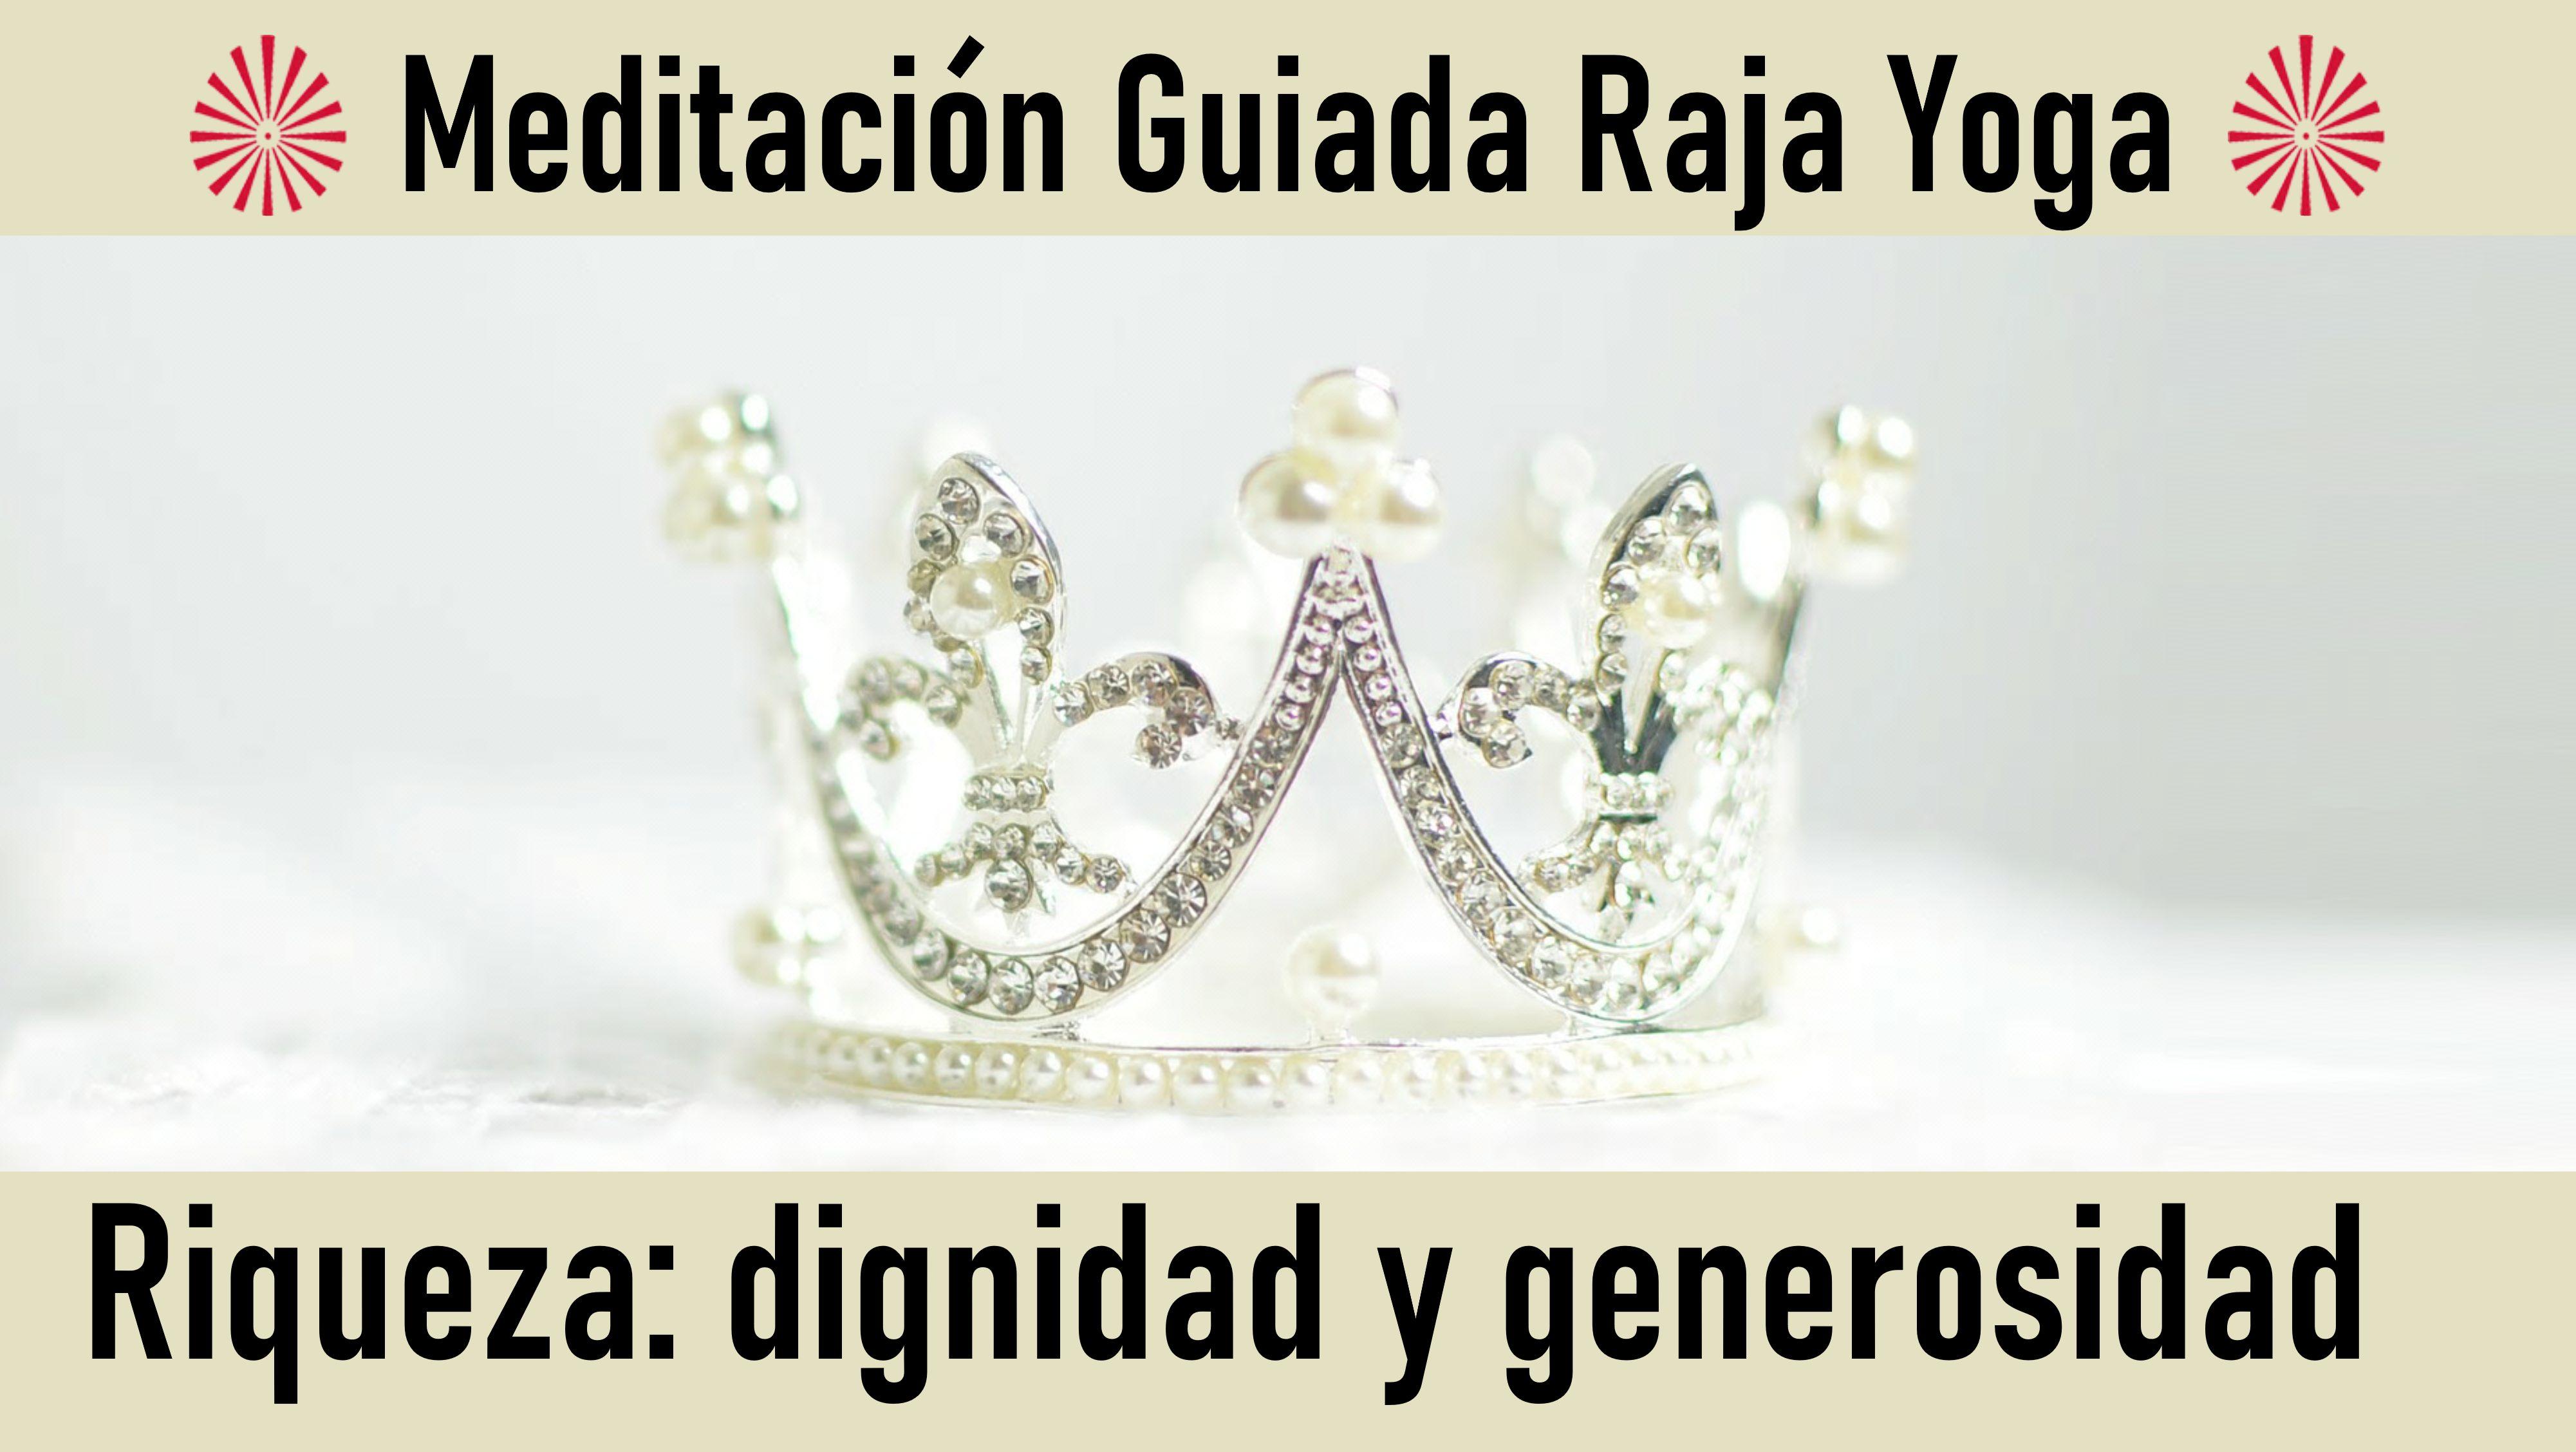 19 Junio 2020 Meditación Guiada: Riqueza, dignidad y generosidad